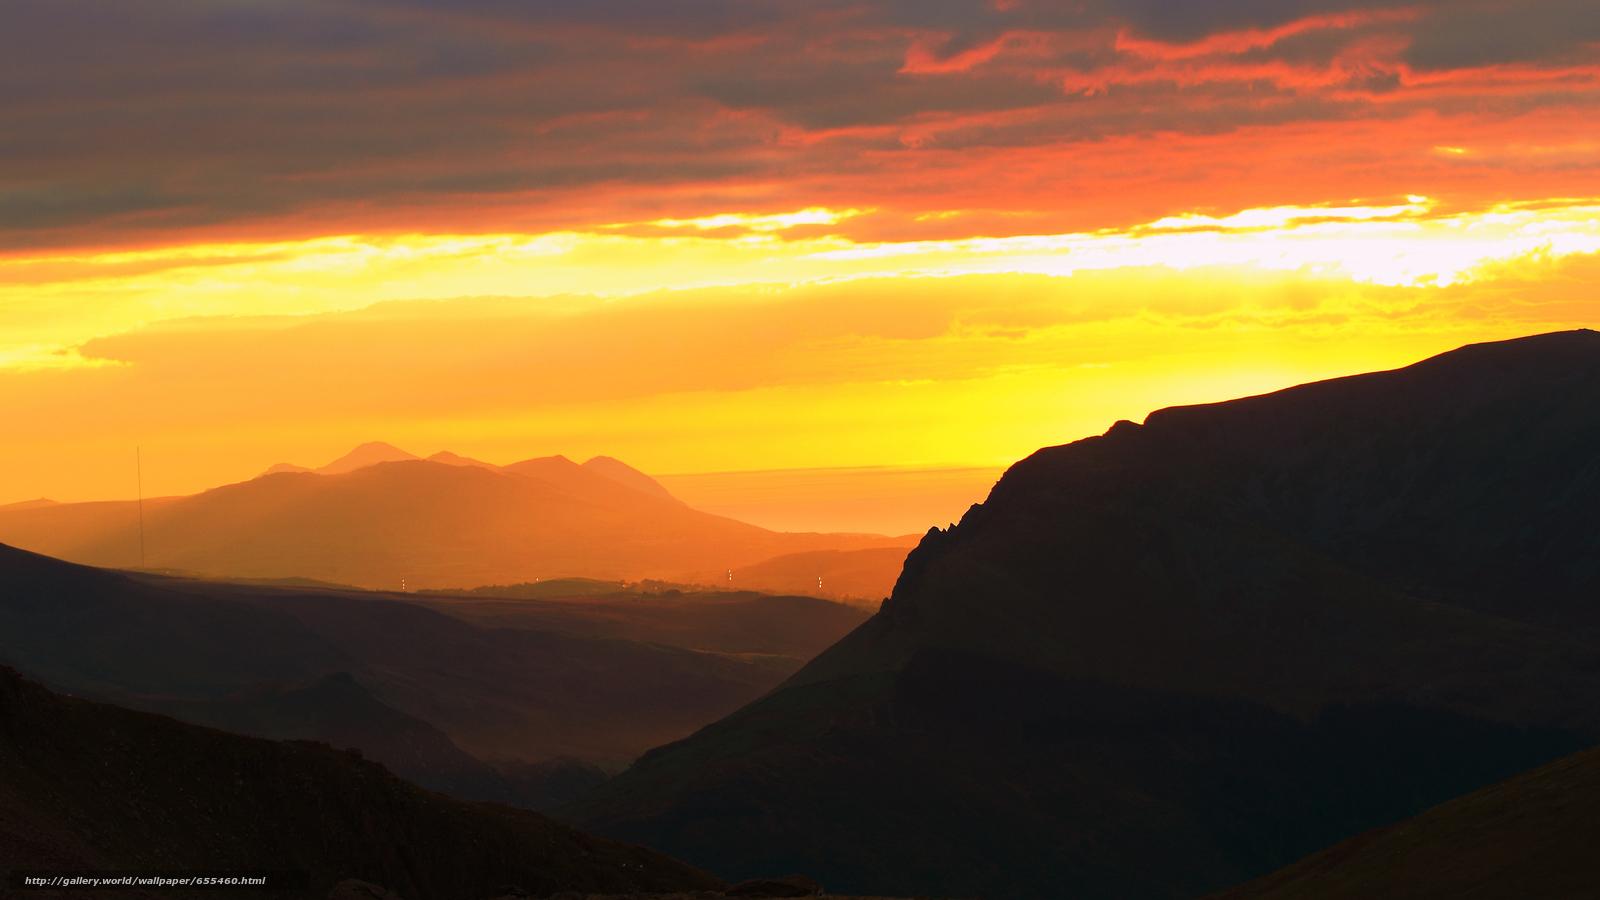 Скачать обои обои от Kisenok,  горы,  небо,  свет бесплатно для рабочего стола в разрешении 2600x1462 — картинка №655460